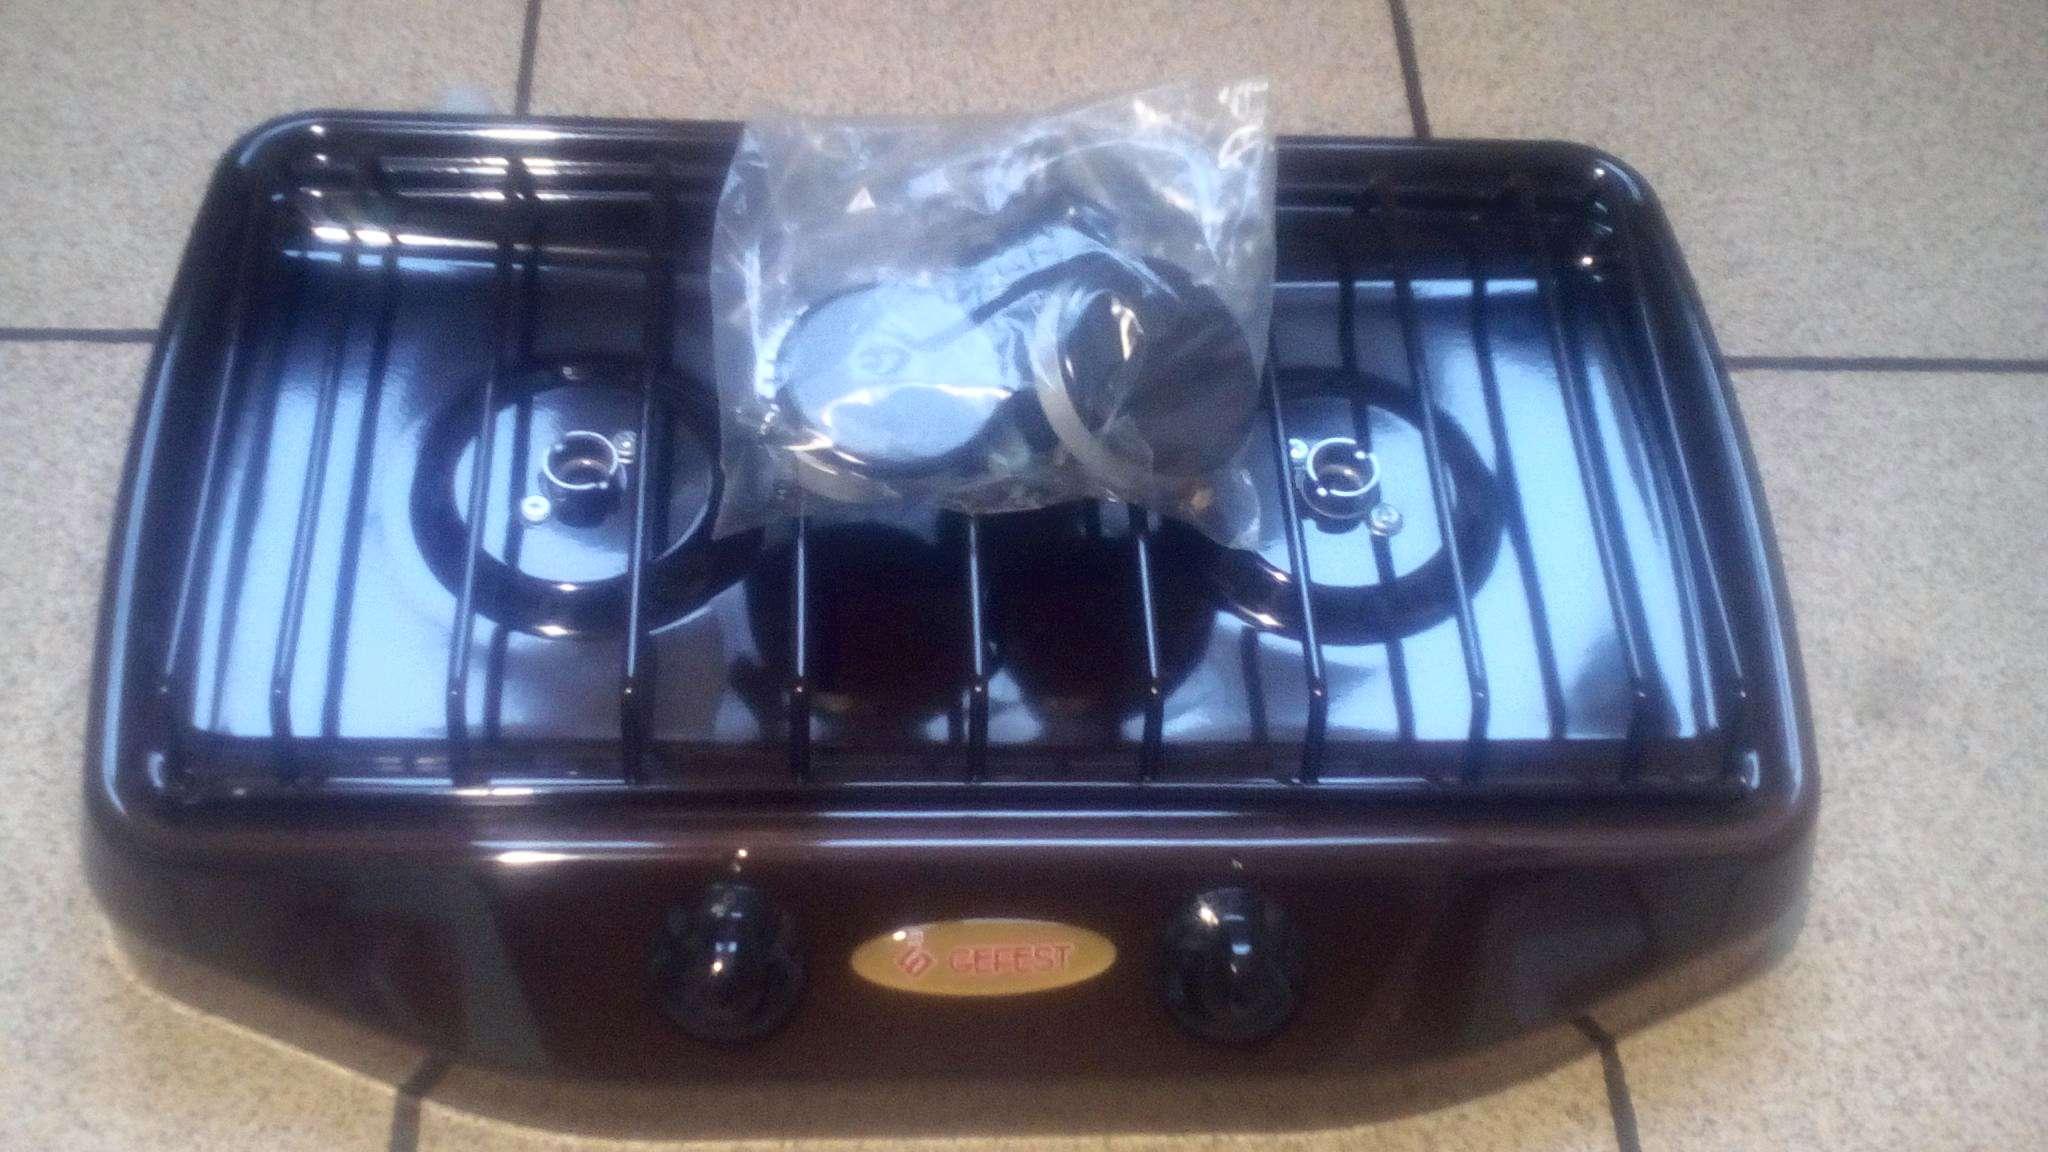 4a825935c0f Настольная газовая плита Gefest 700-02 — купить в интернет-магазине ...